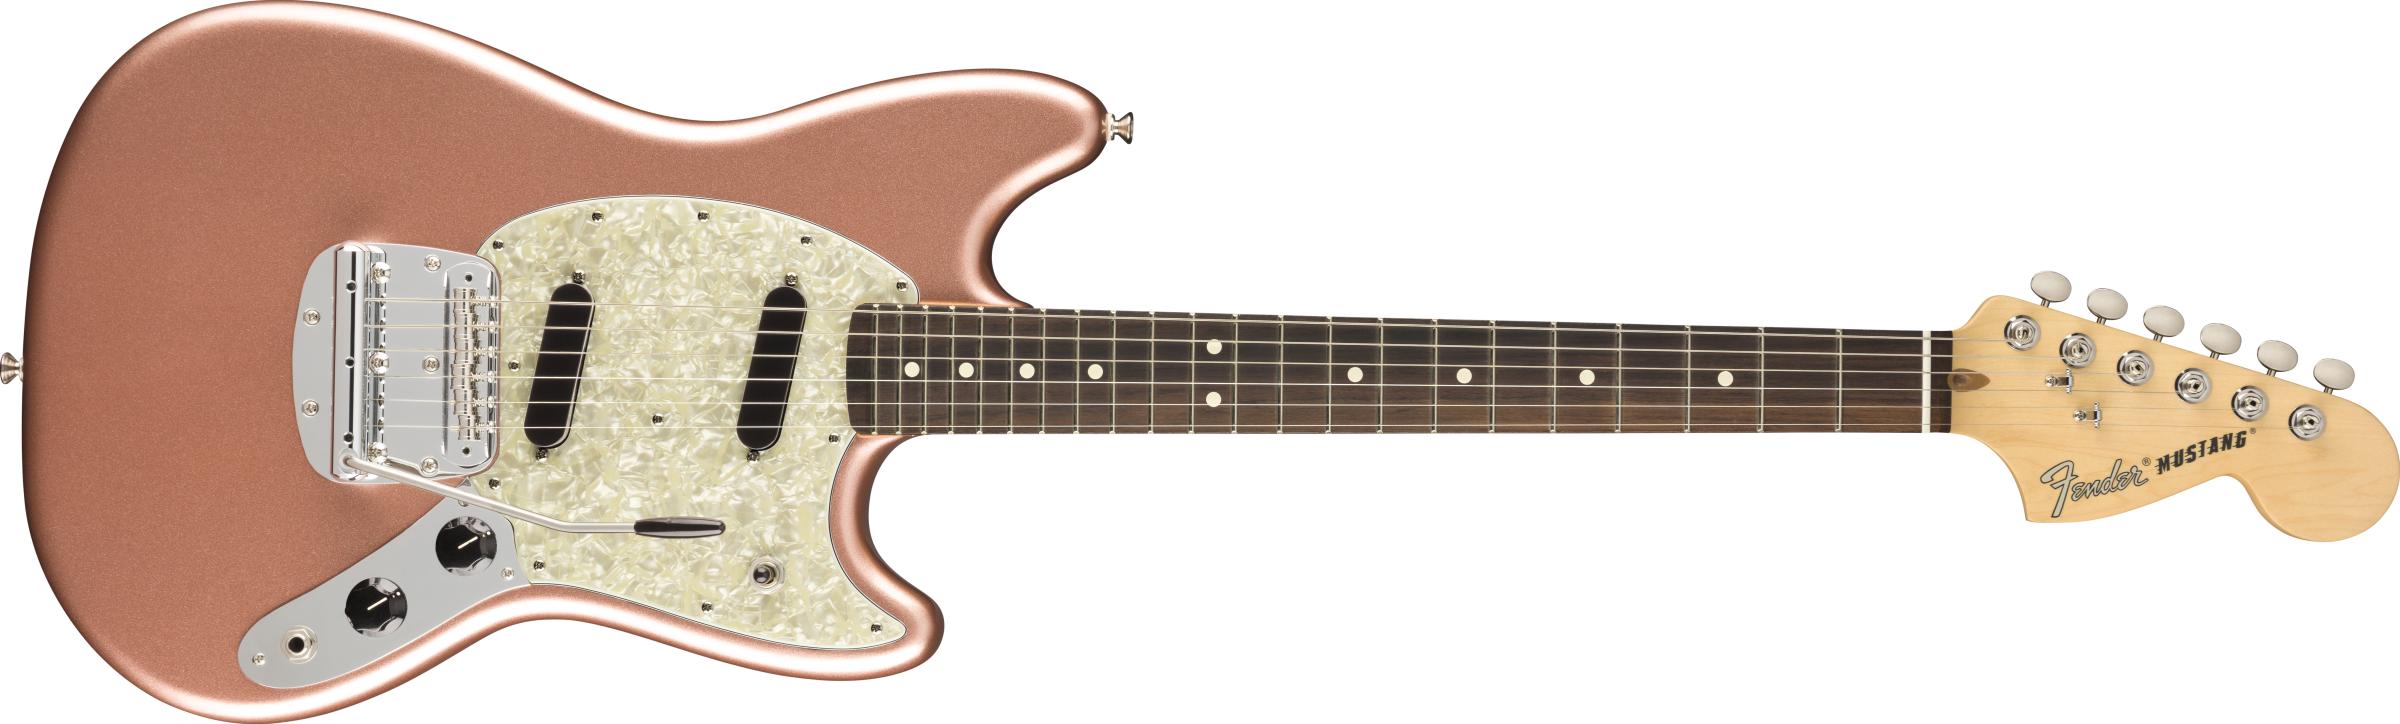 FENDER American Performer Mustang, Rosewood Fingerboard, Penny